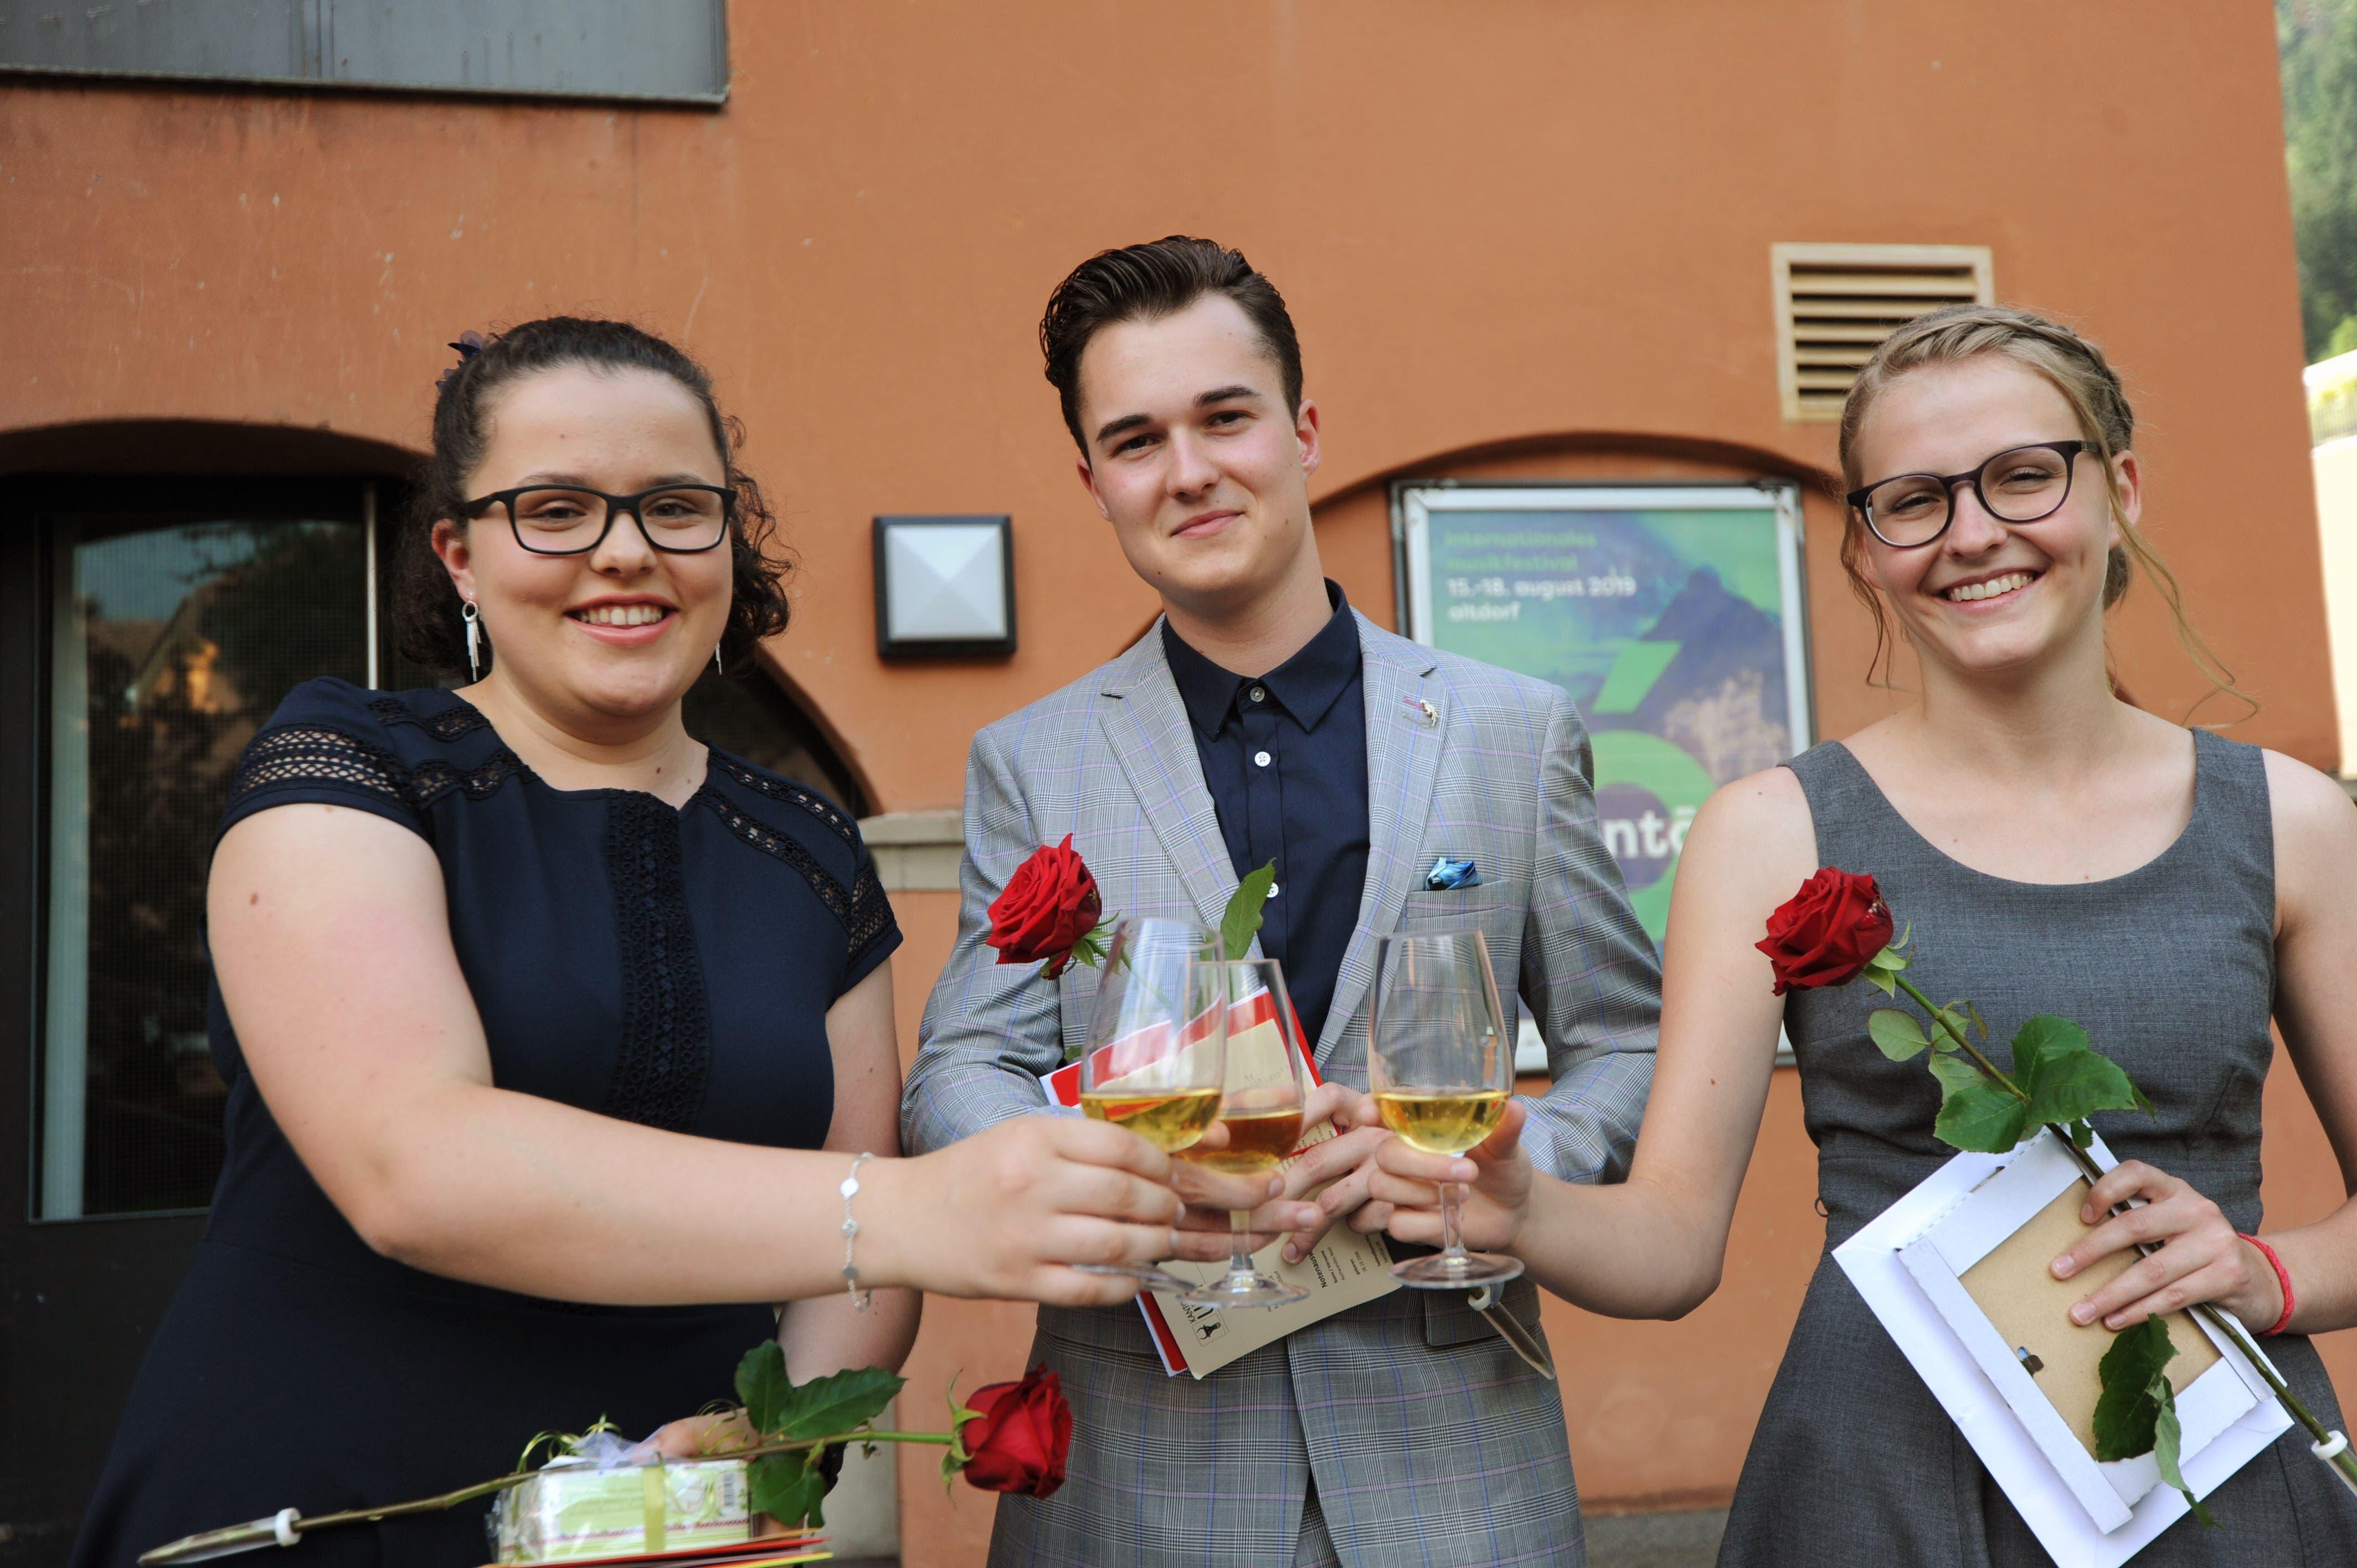 Von links: Selina Schilter, Noel Aschwanden und Nadine Tresch stossen miteinander an. (Bild: Urs Hanhart, 4. Juli 2019)